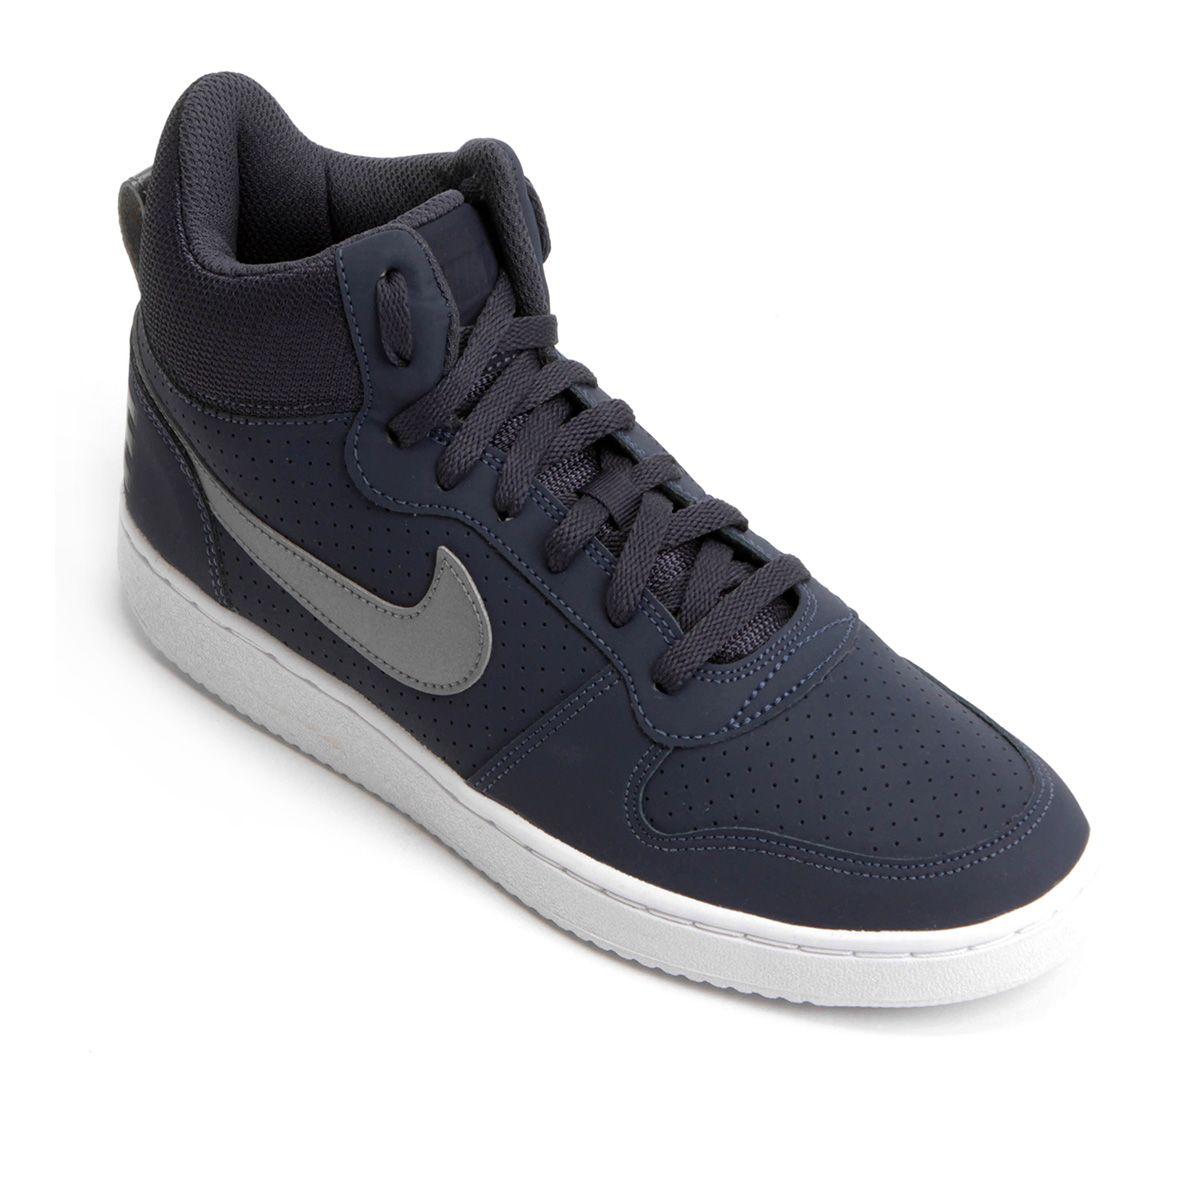 41a4782d7 Tênis Couro Cano Alto Nike Recreation Mid Masculino - Compre Agora ...